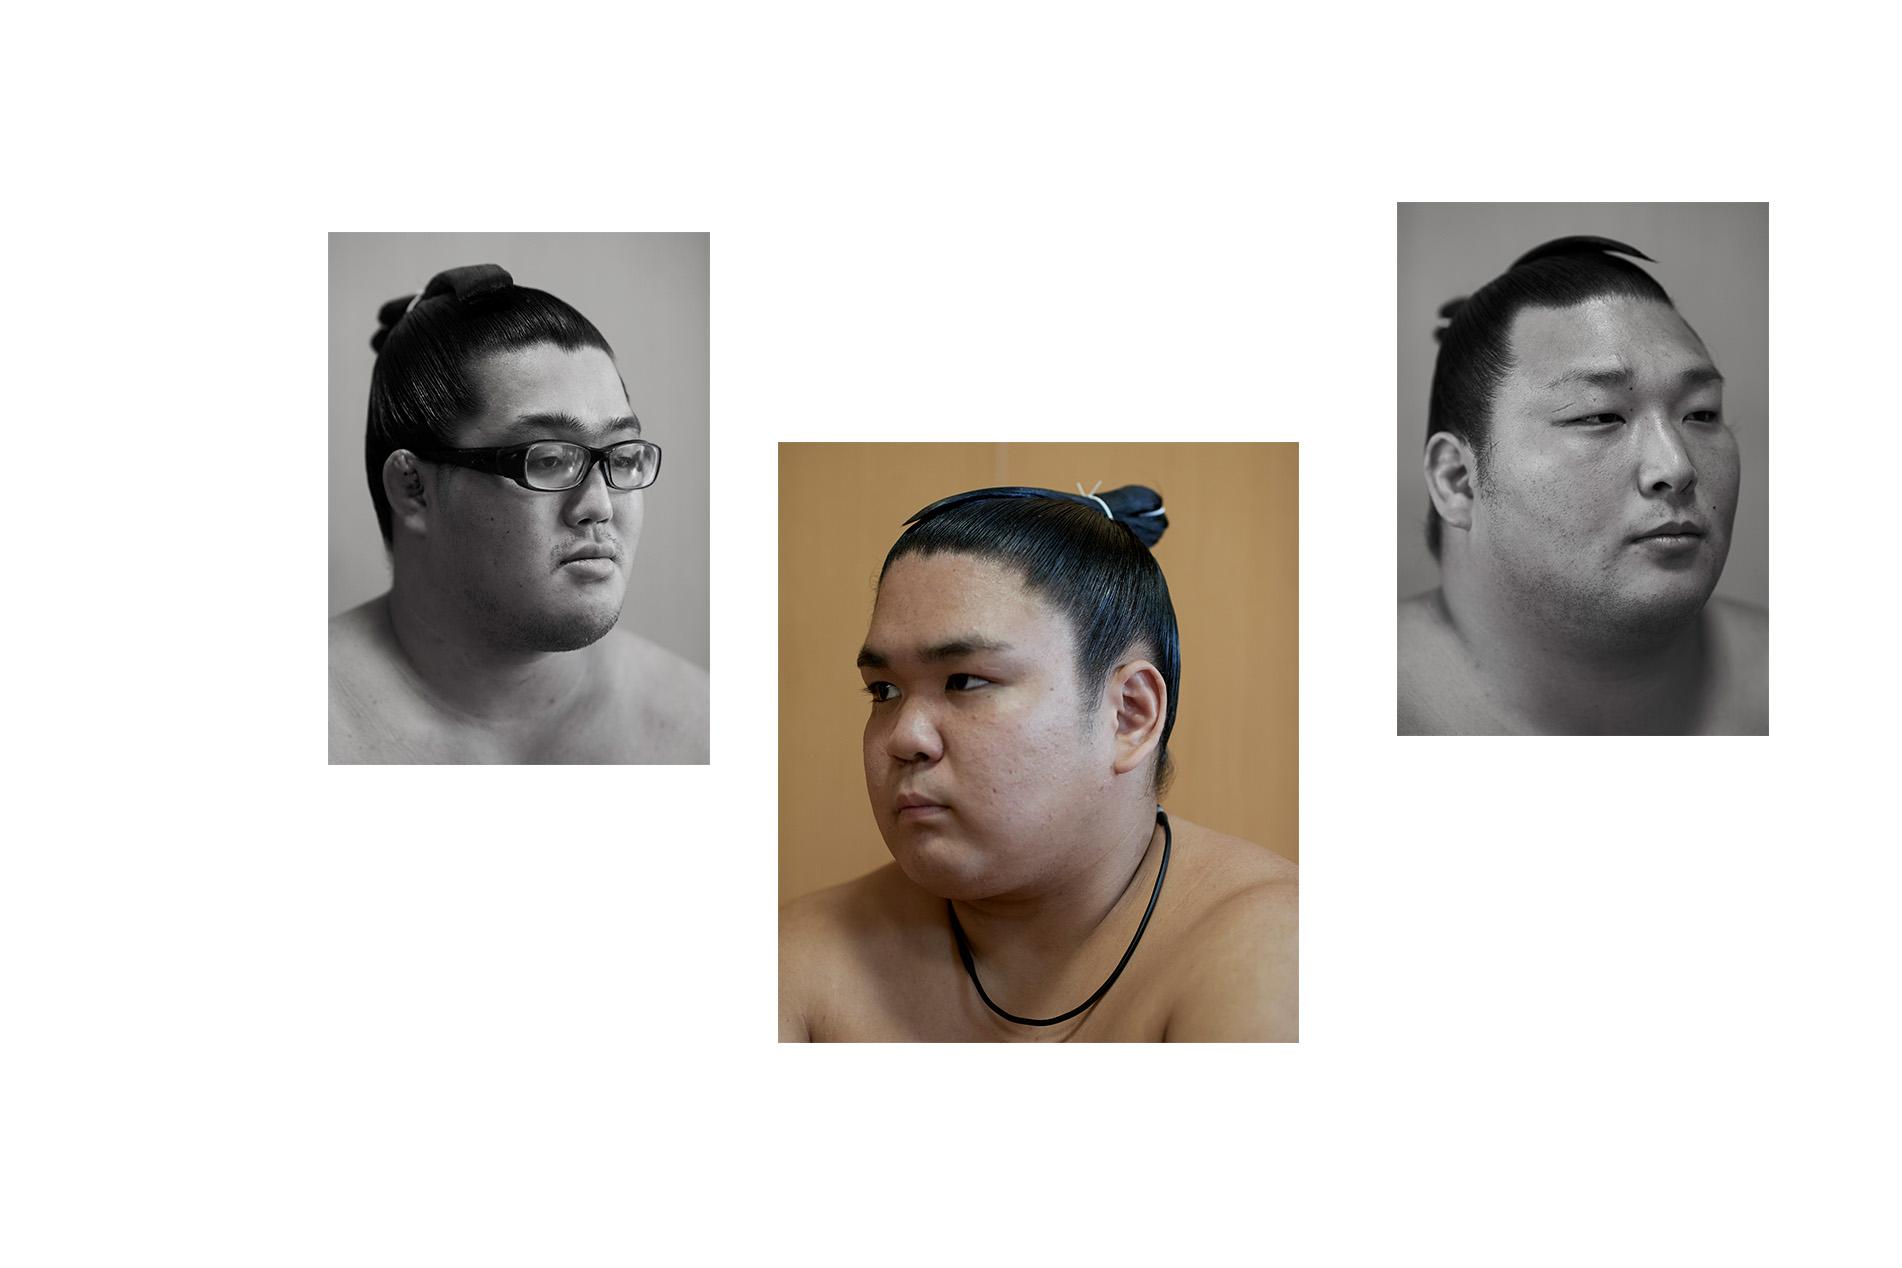 Sumo - 7 of 12